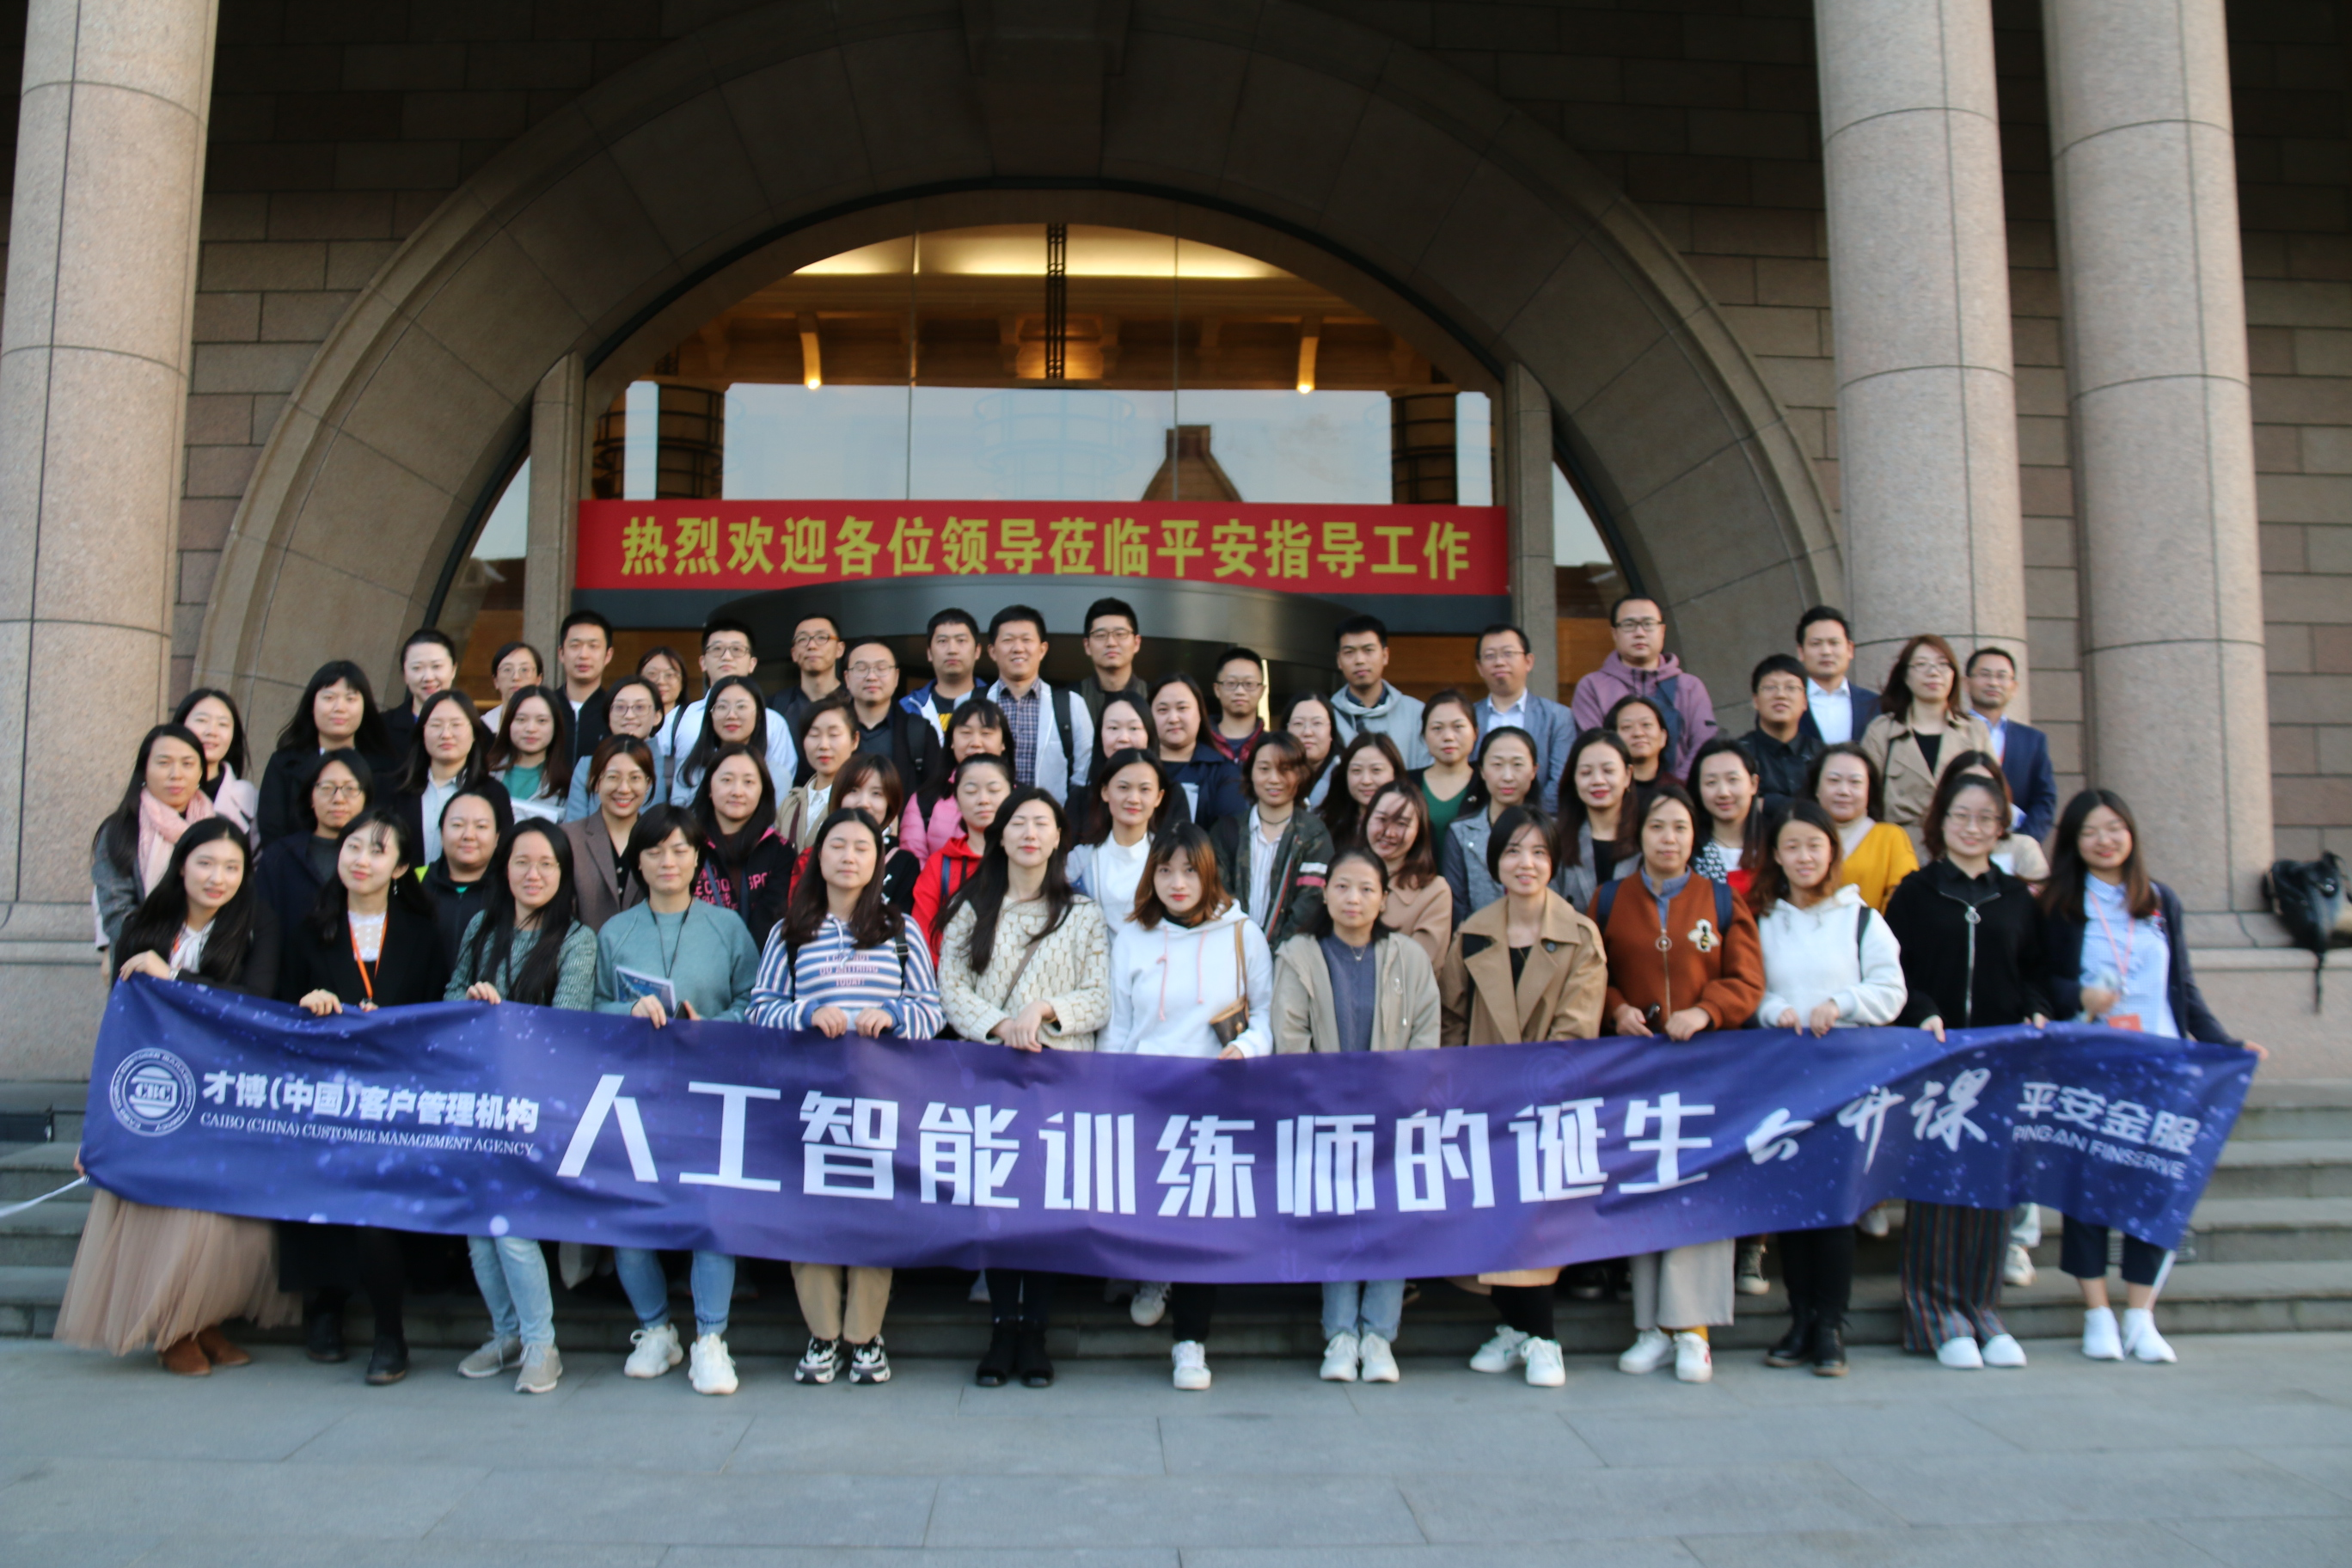 【走进平安金服】上海人工智能机训师公开课圆满落幕